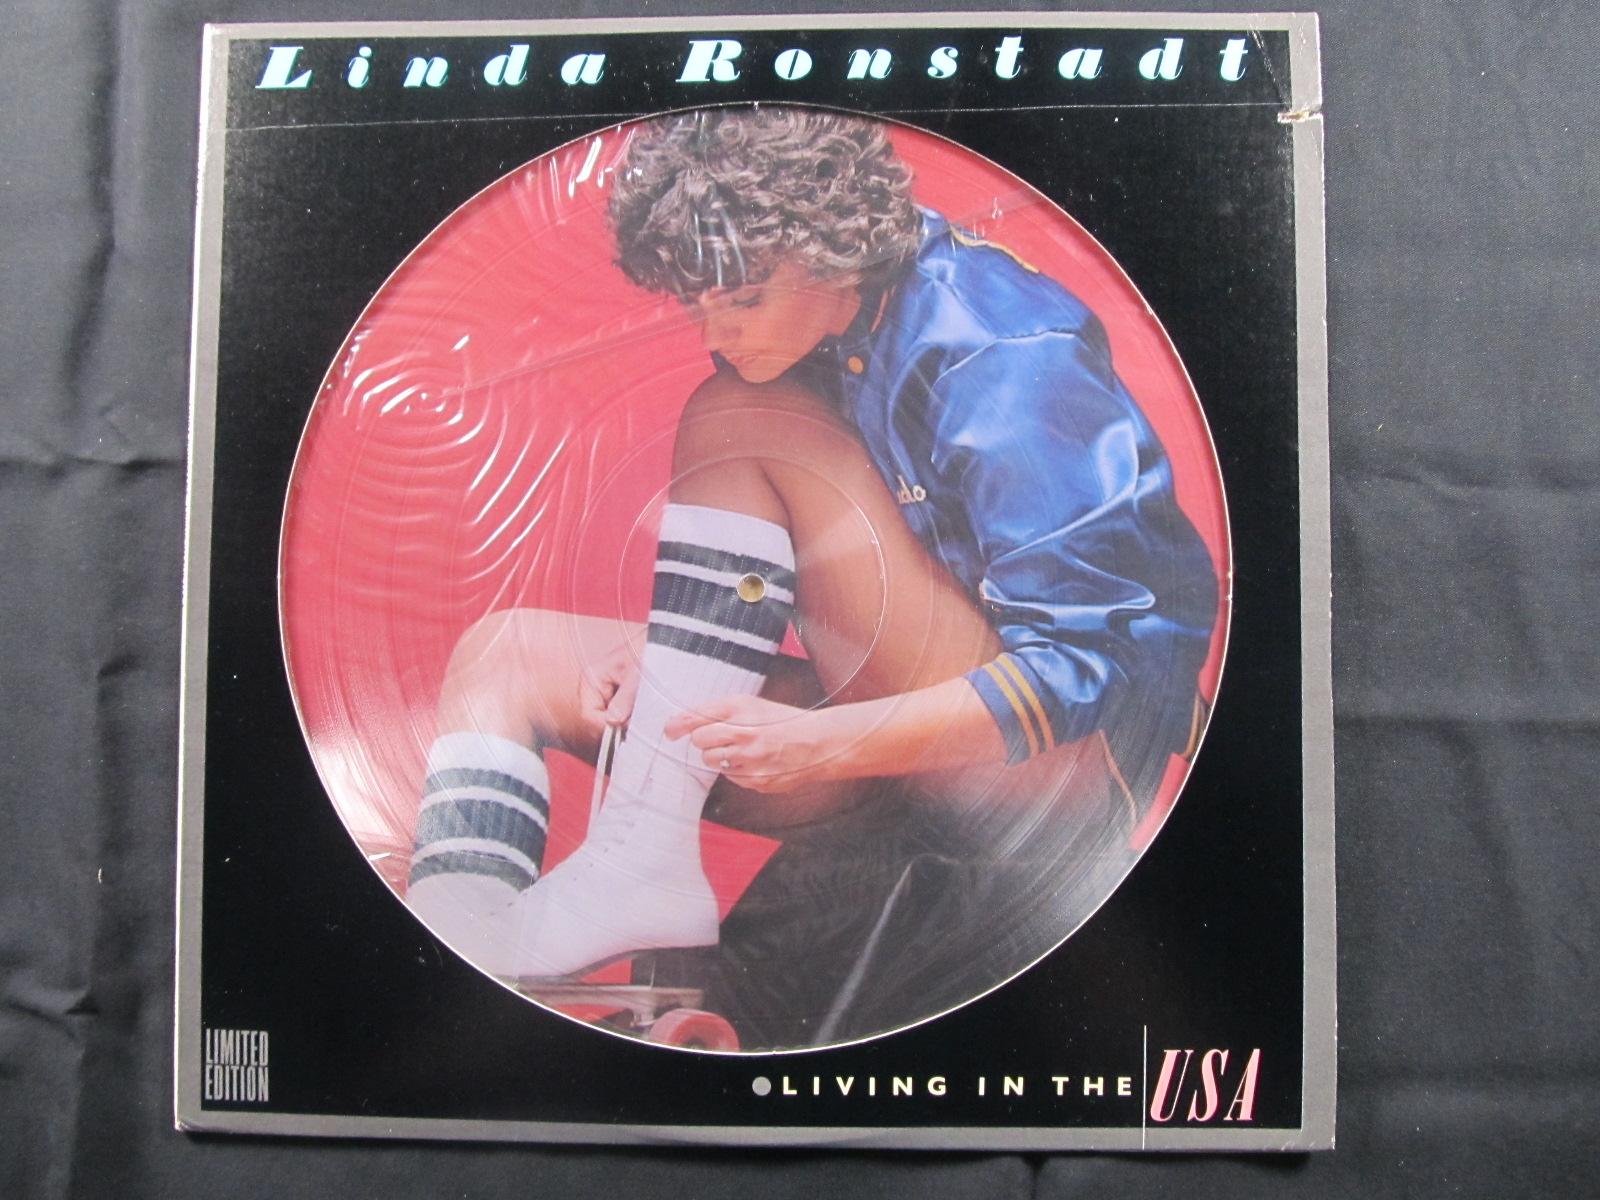 中古LP RINDA RONSTADT『LIVING IN THE USA』/リンダ・ロンシュタット 『リビング・イン・ザ・USA』画像